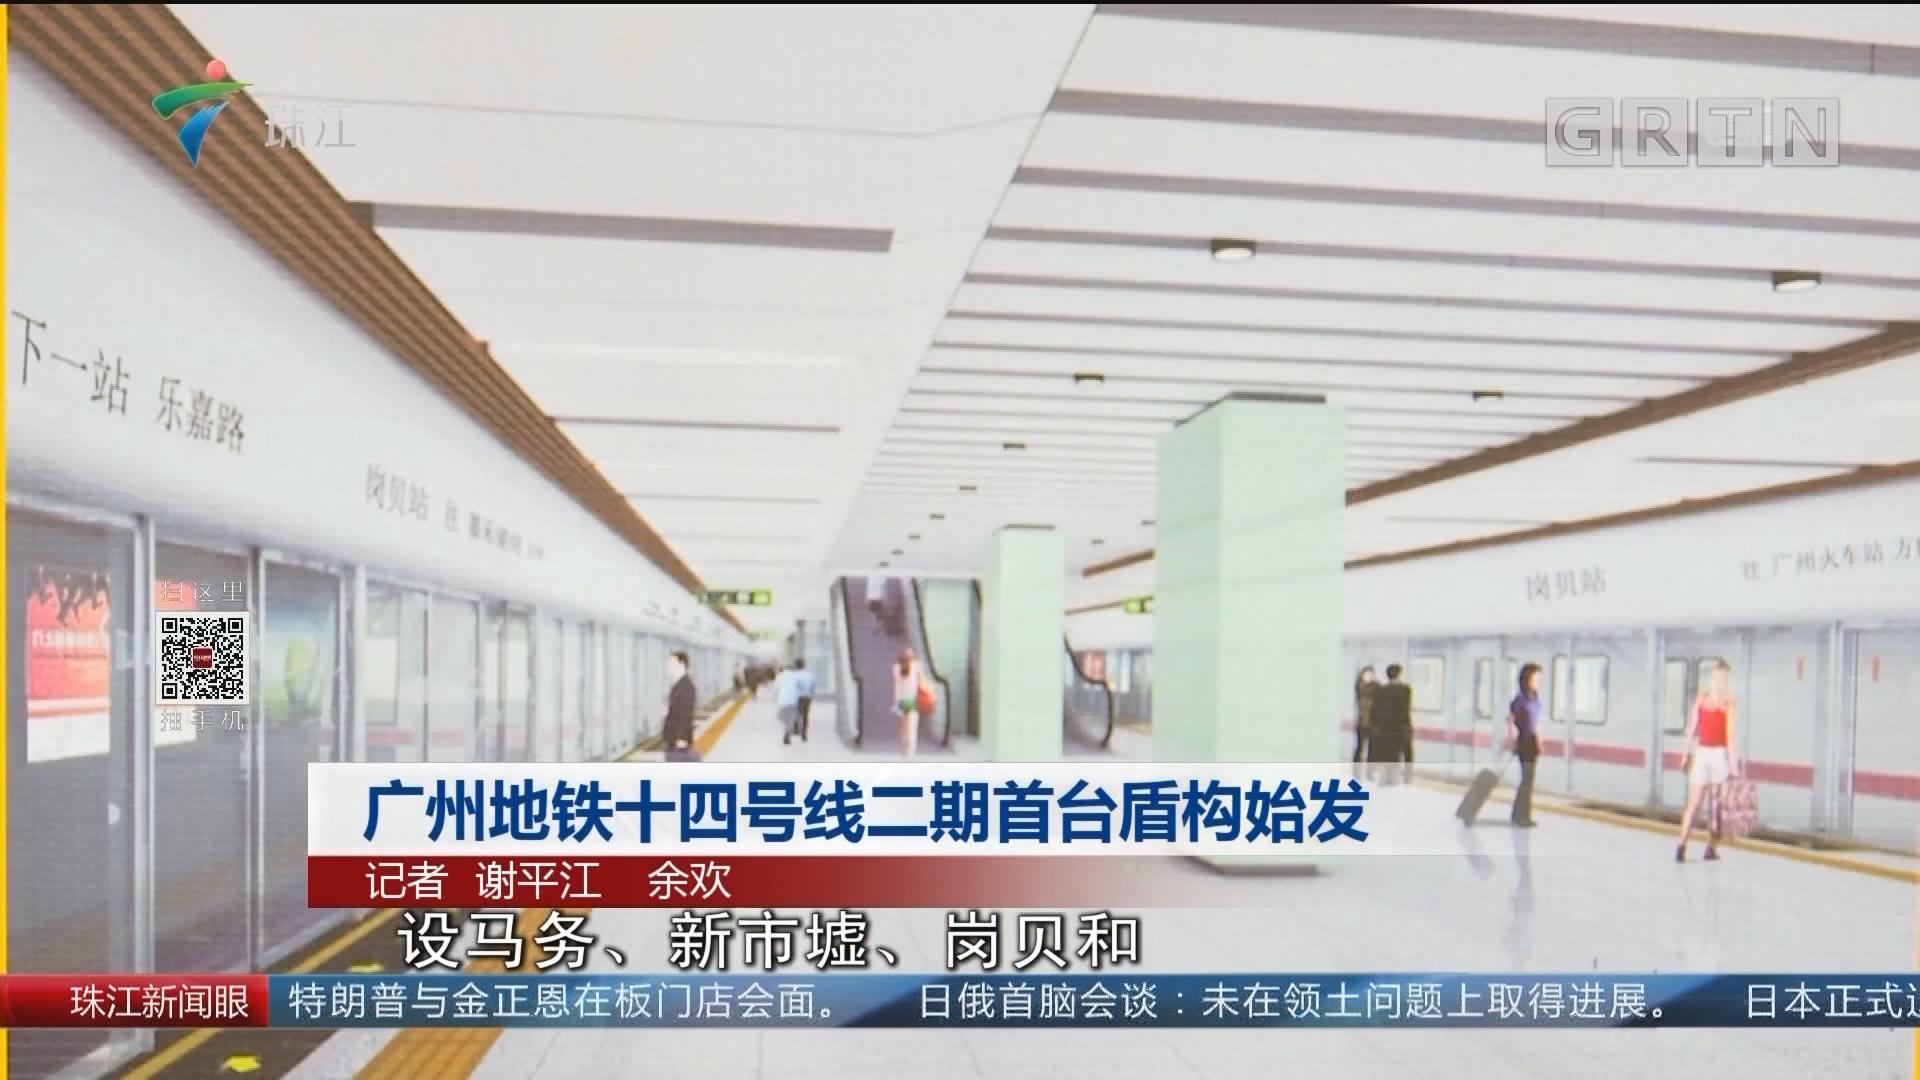 广州铁路十四号线二期首台盾构始发